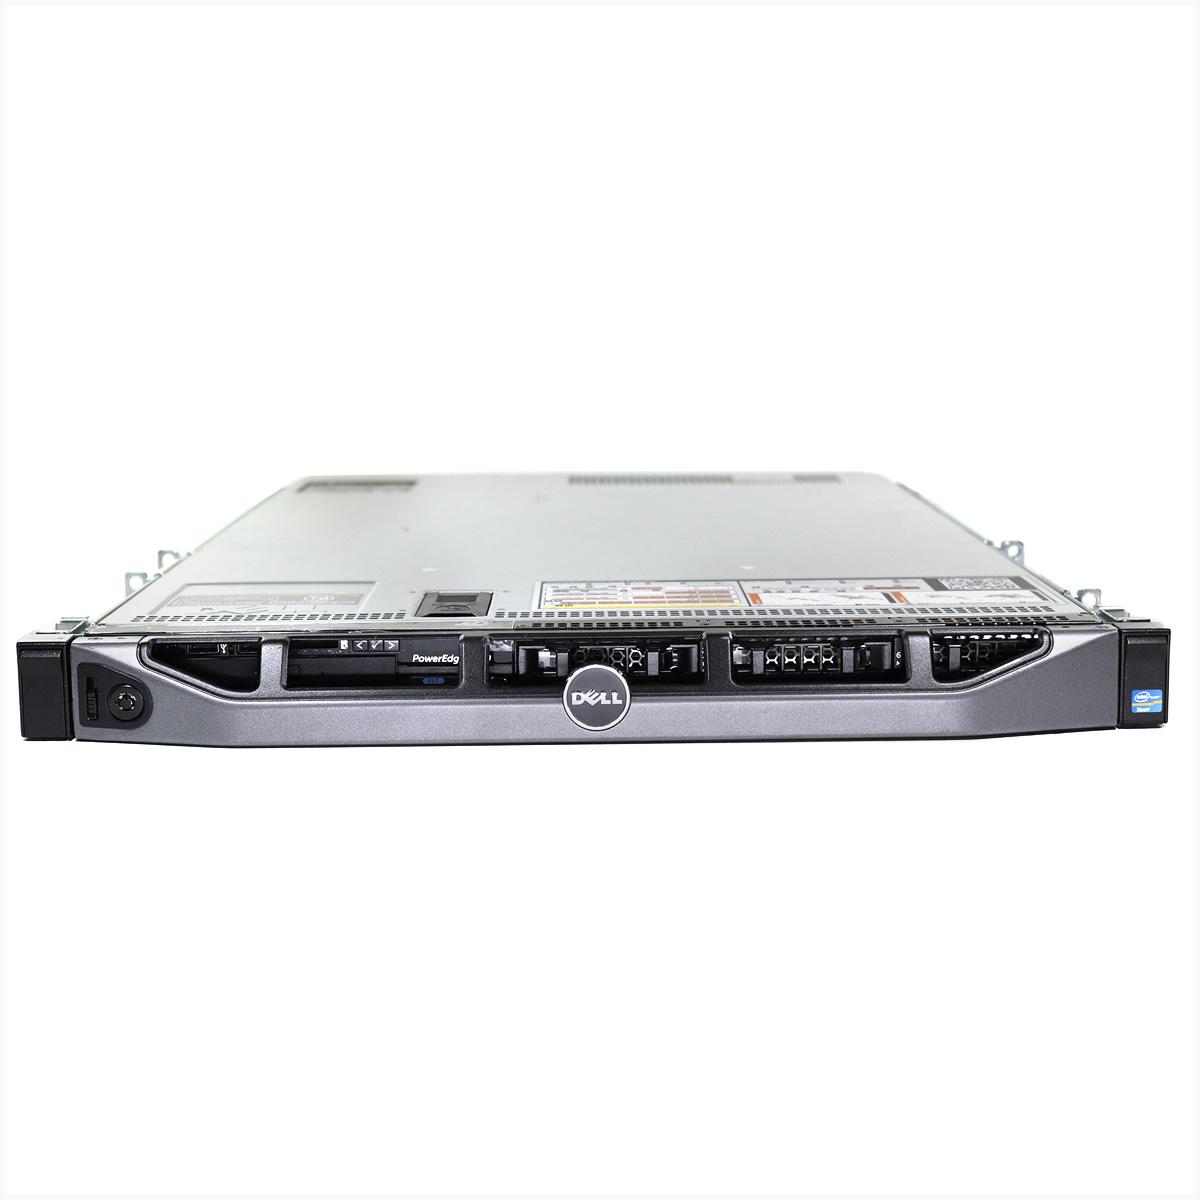 Servidor dell r620 intel xeon e5-2670 128gb 2x 1tb - usado